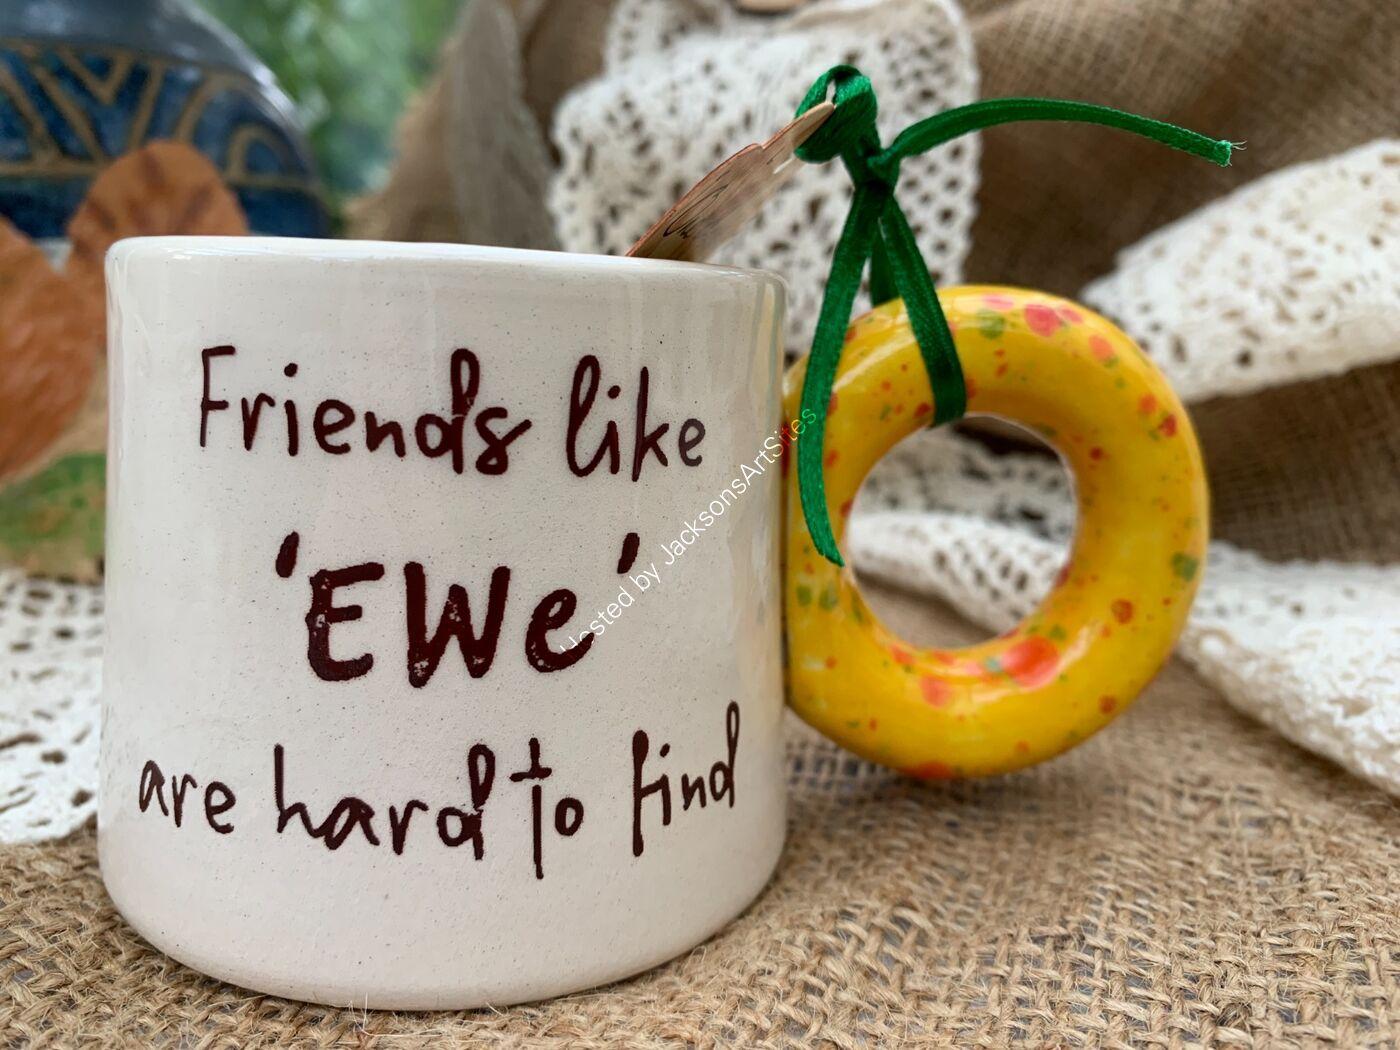 Friends Like You Mug 5 2